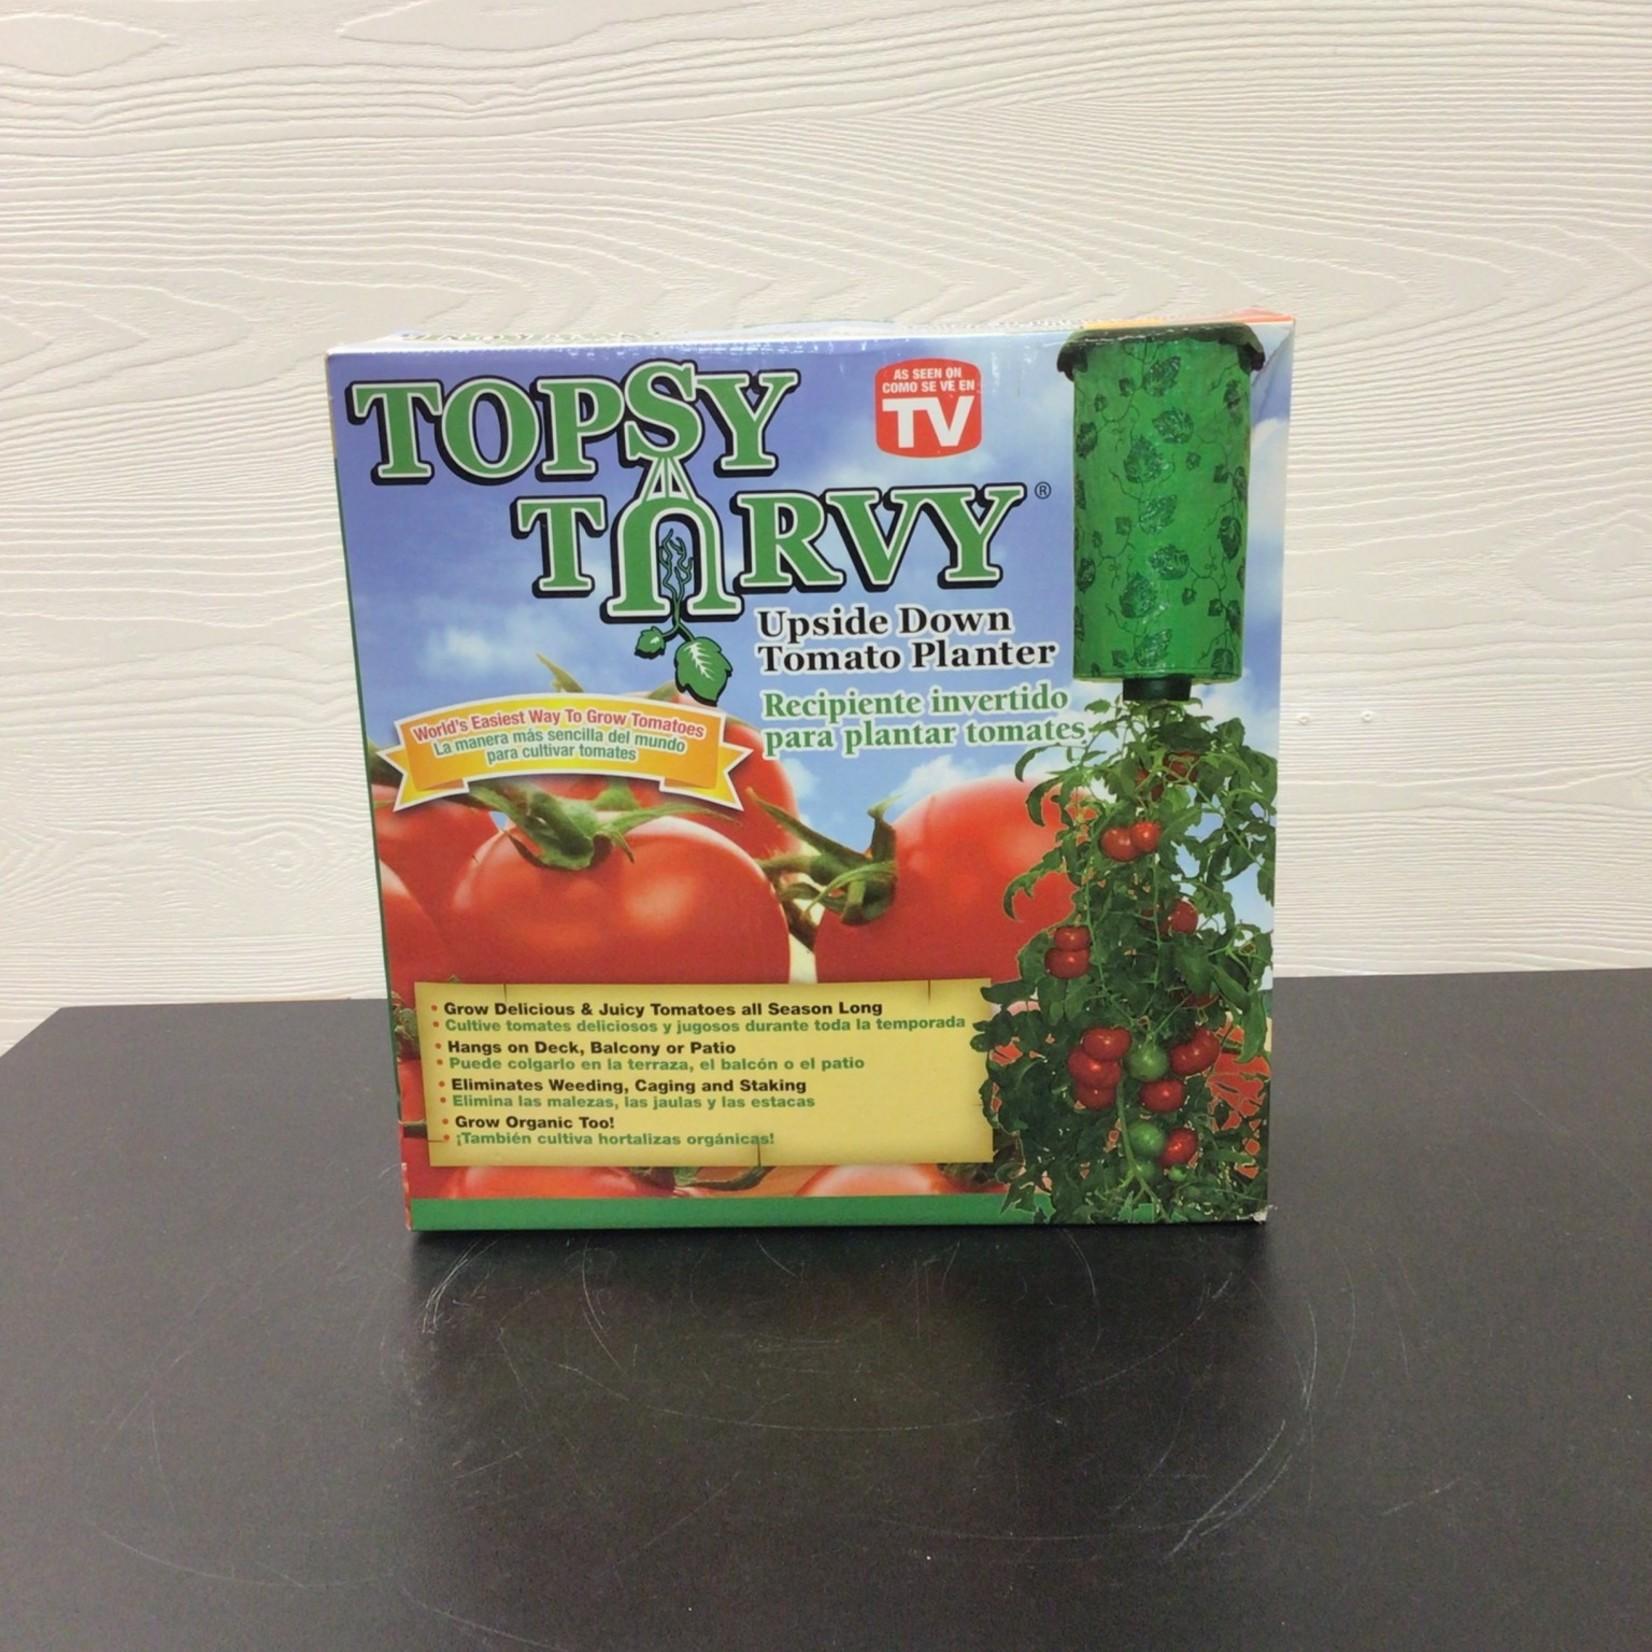 Tomato Planter